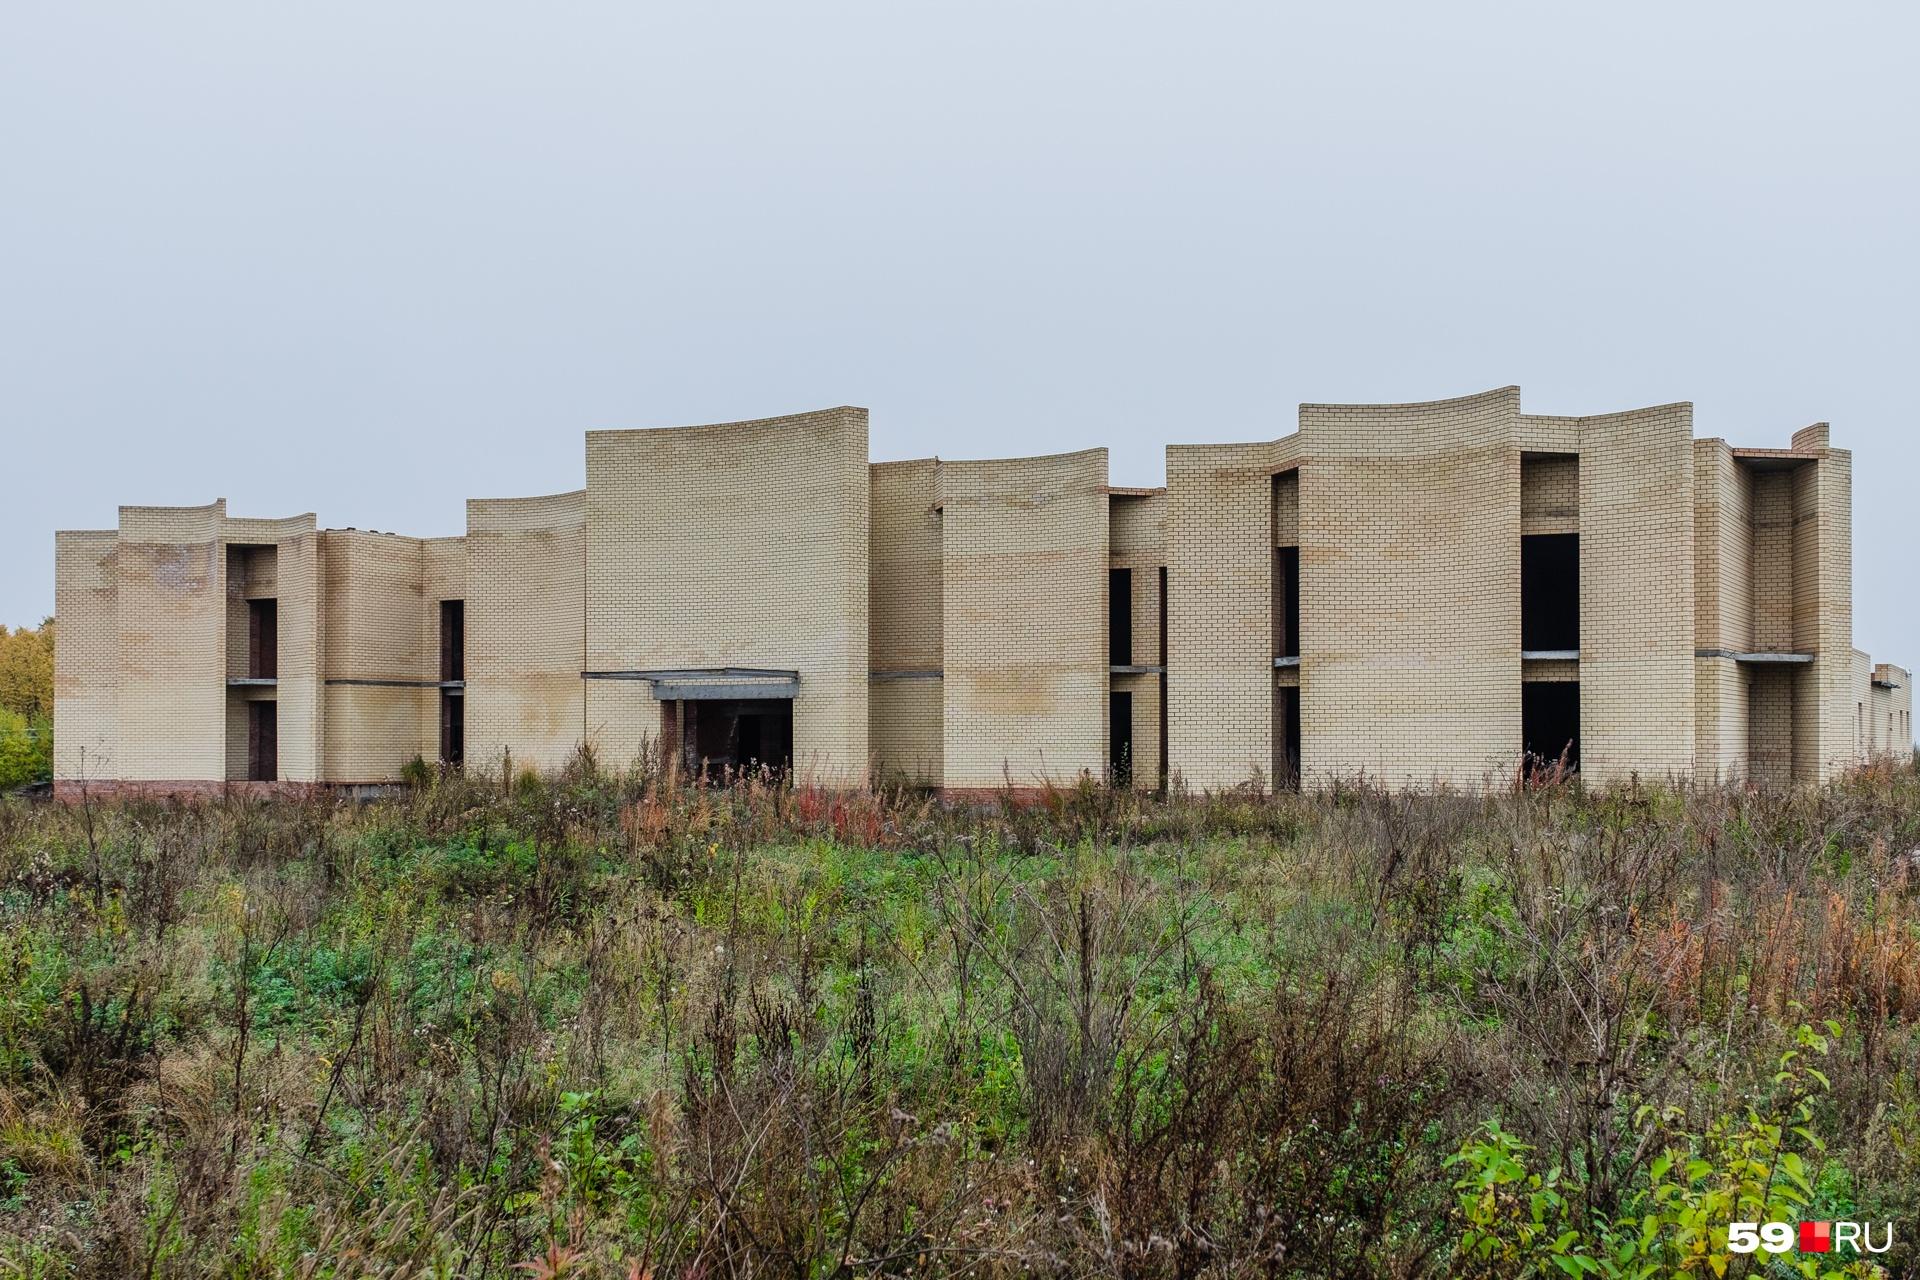 В здании самого крематория, в отличие от административного корпуса, нет ни окон, ни дверей, ни внутренней отделки